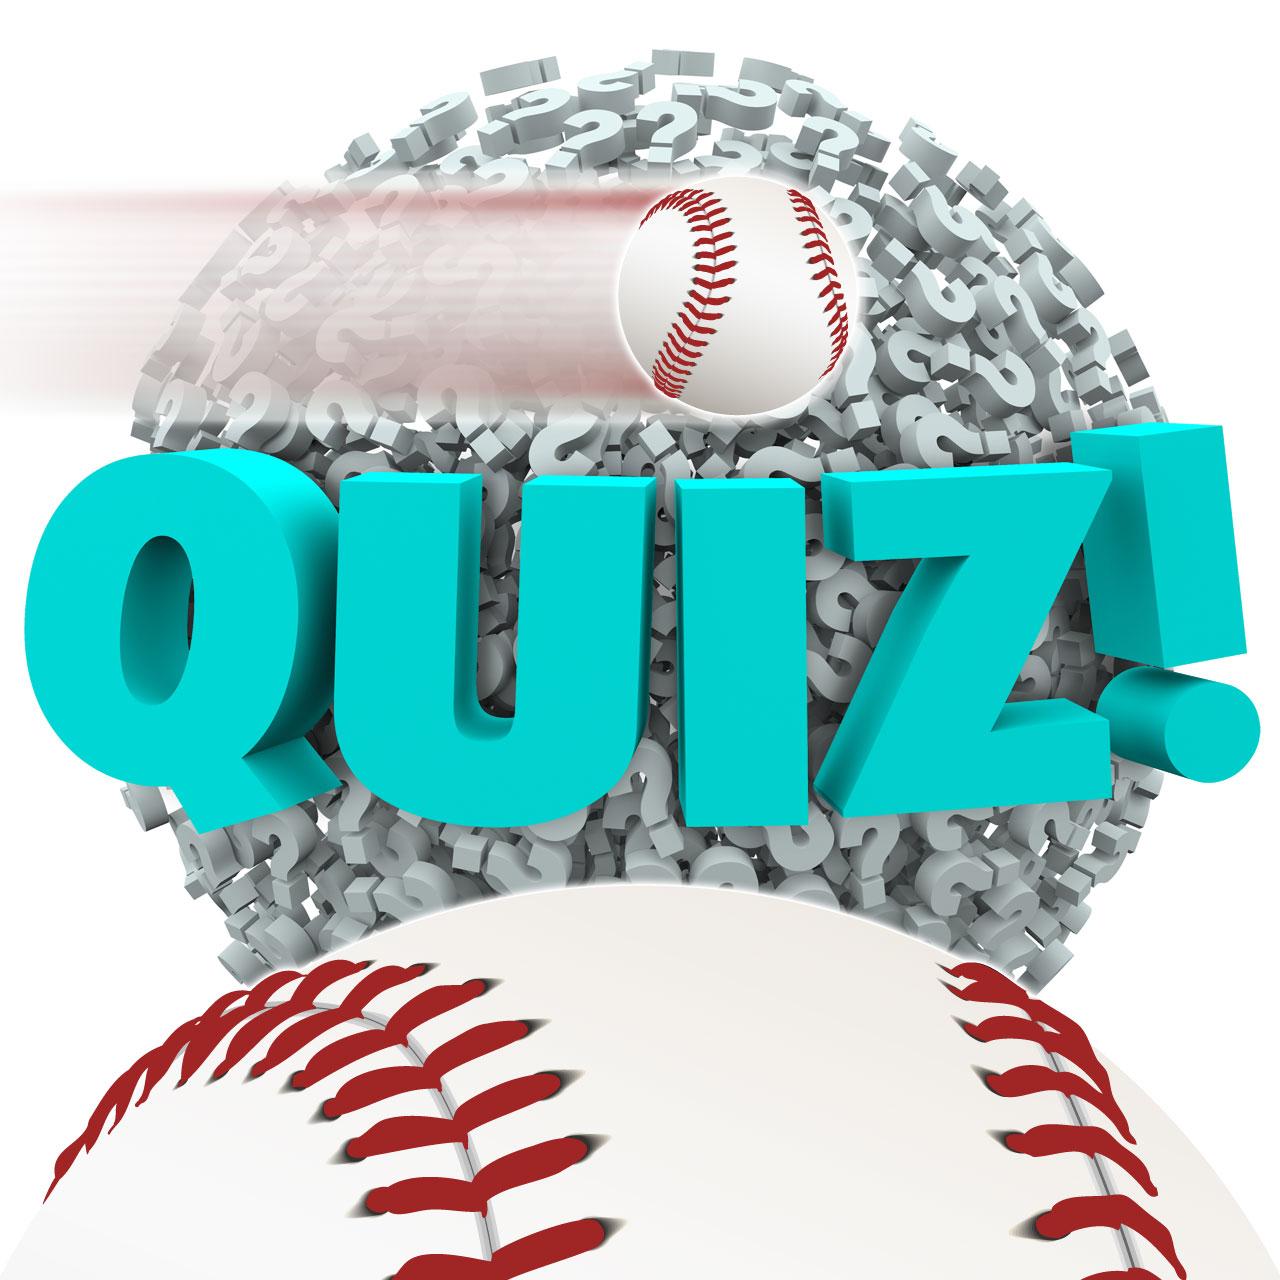 6fb32-baseball-quiz